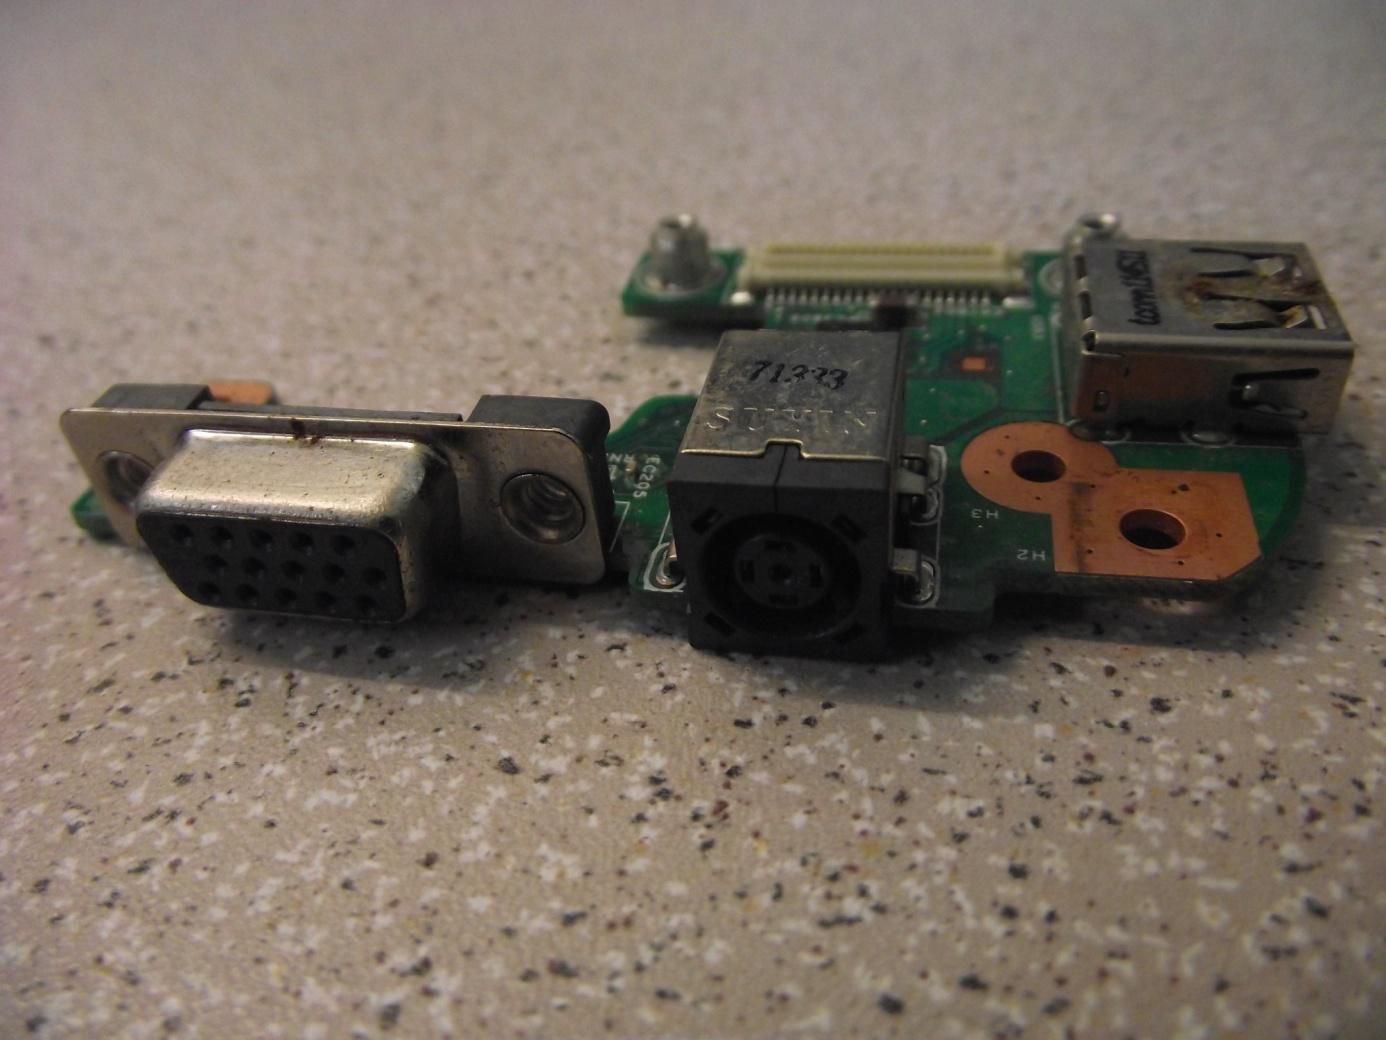 changement-du-connecteur-dalimentation-de-charge-sur-un-ordinateur-portable-ajout-azamos-legaragedupc-fr-4